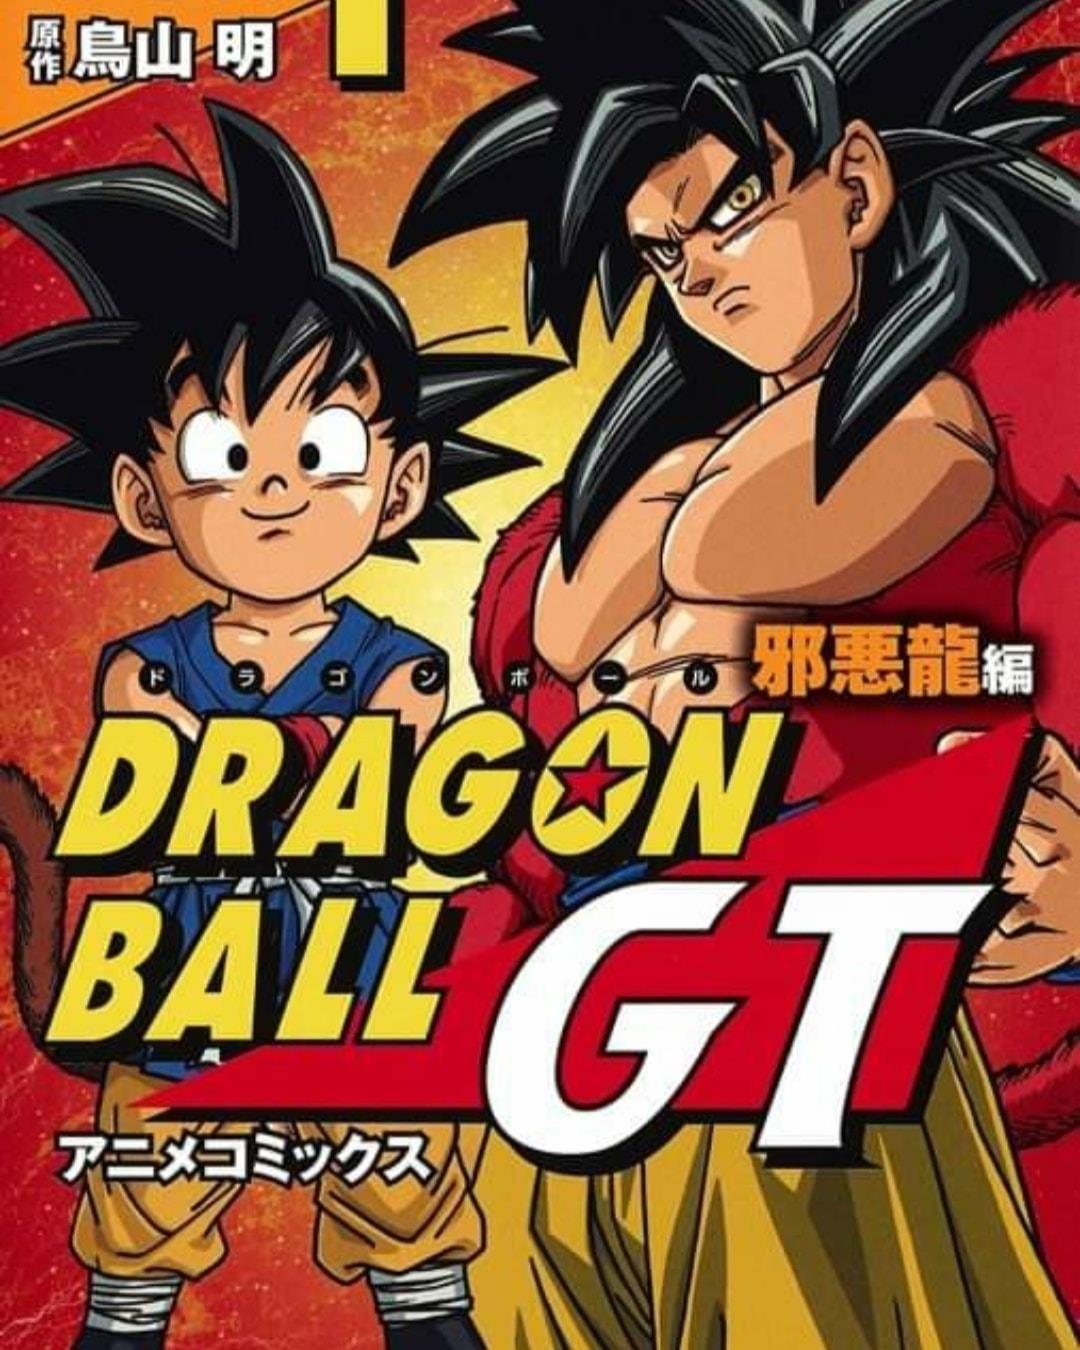 Le novità manga annunciate ieri da Star Comics – parte 1